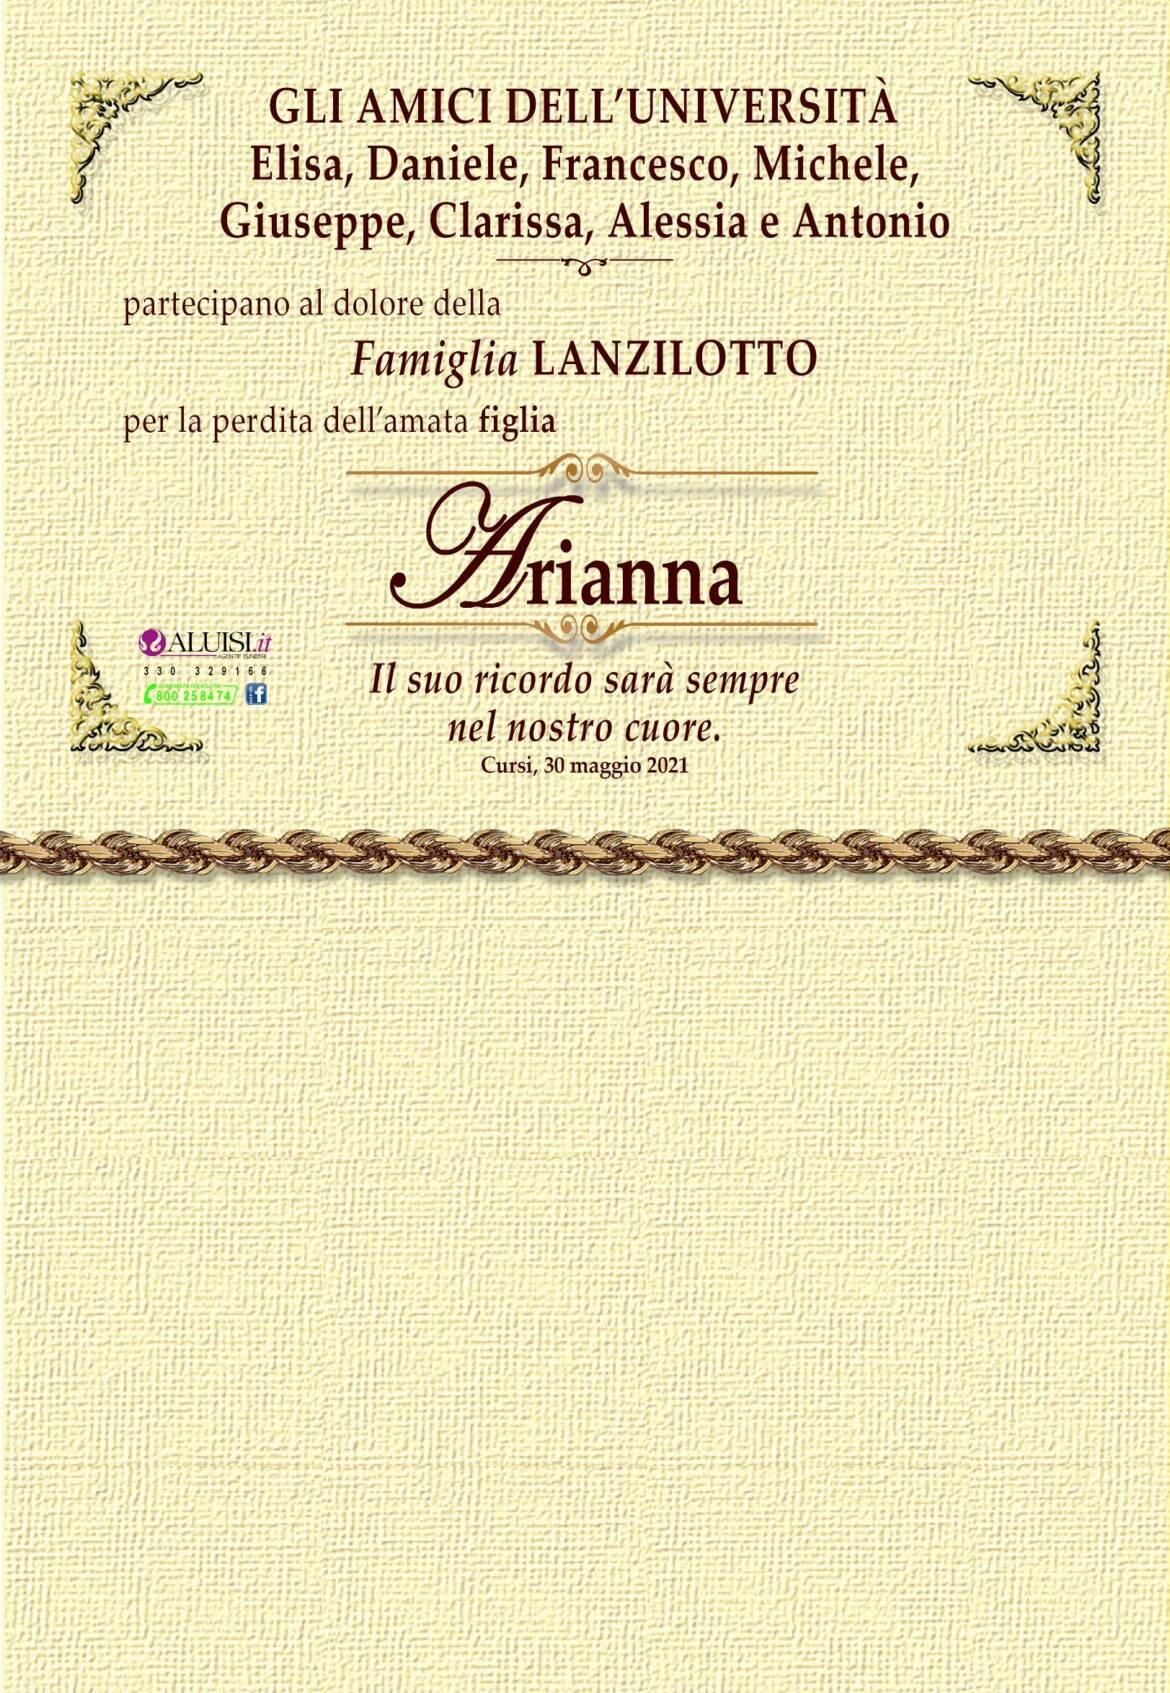 PARTECIPAZIONI-ARIANNA-LANZILOTTO-CURSI-10.jpg